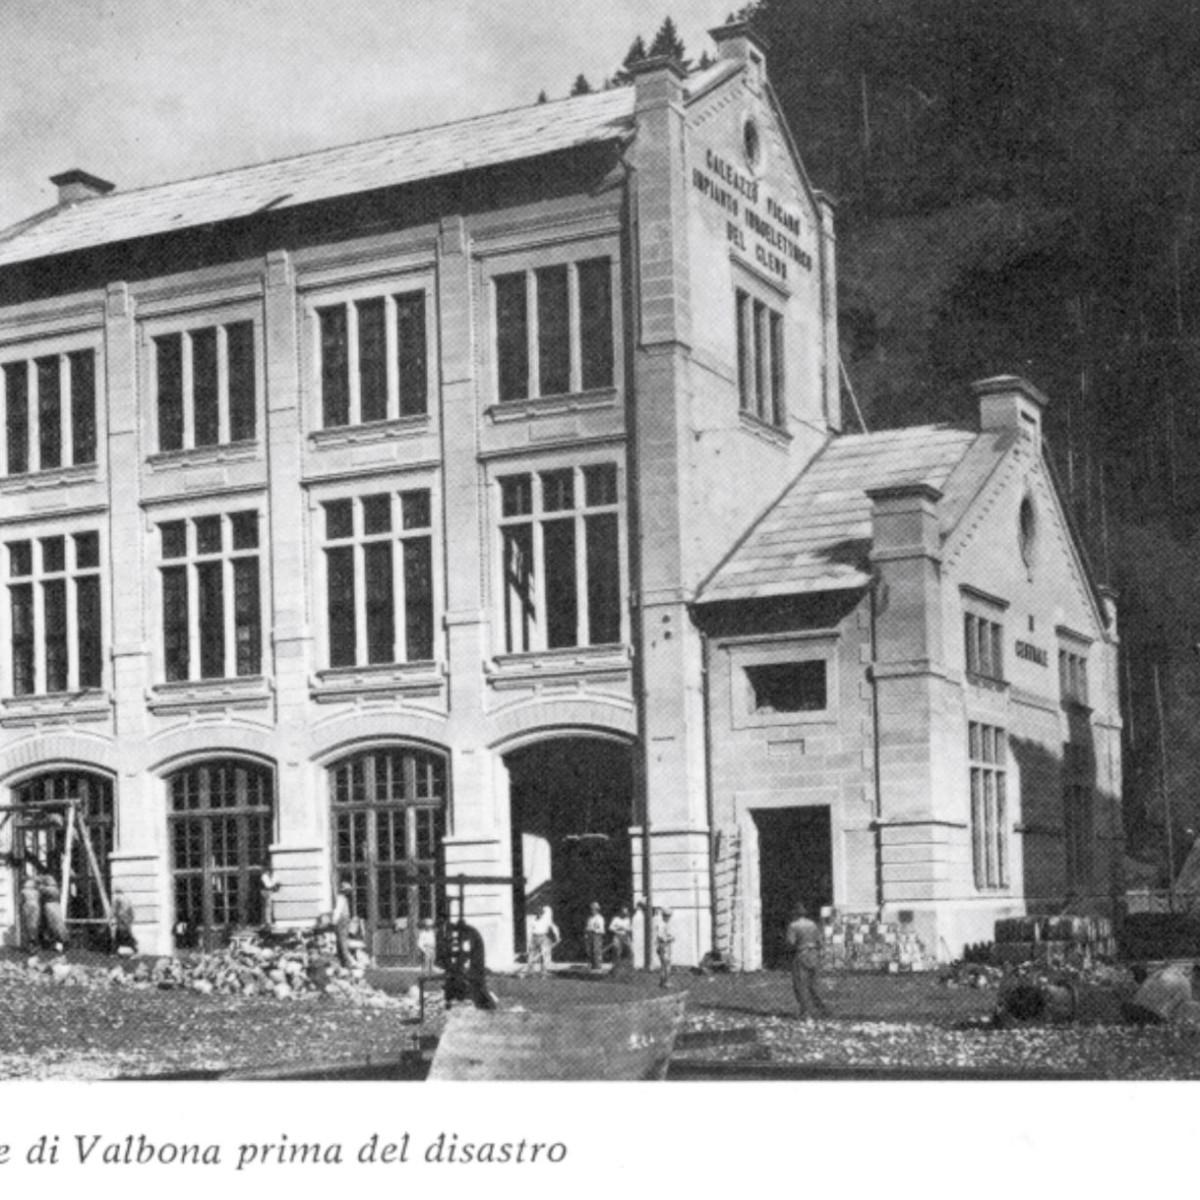 Centrale di Valbona prima del disastro